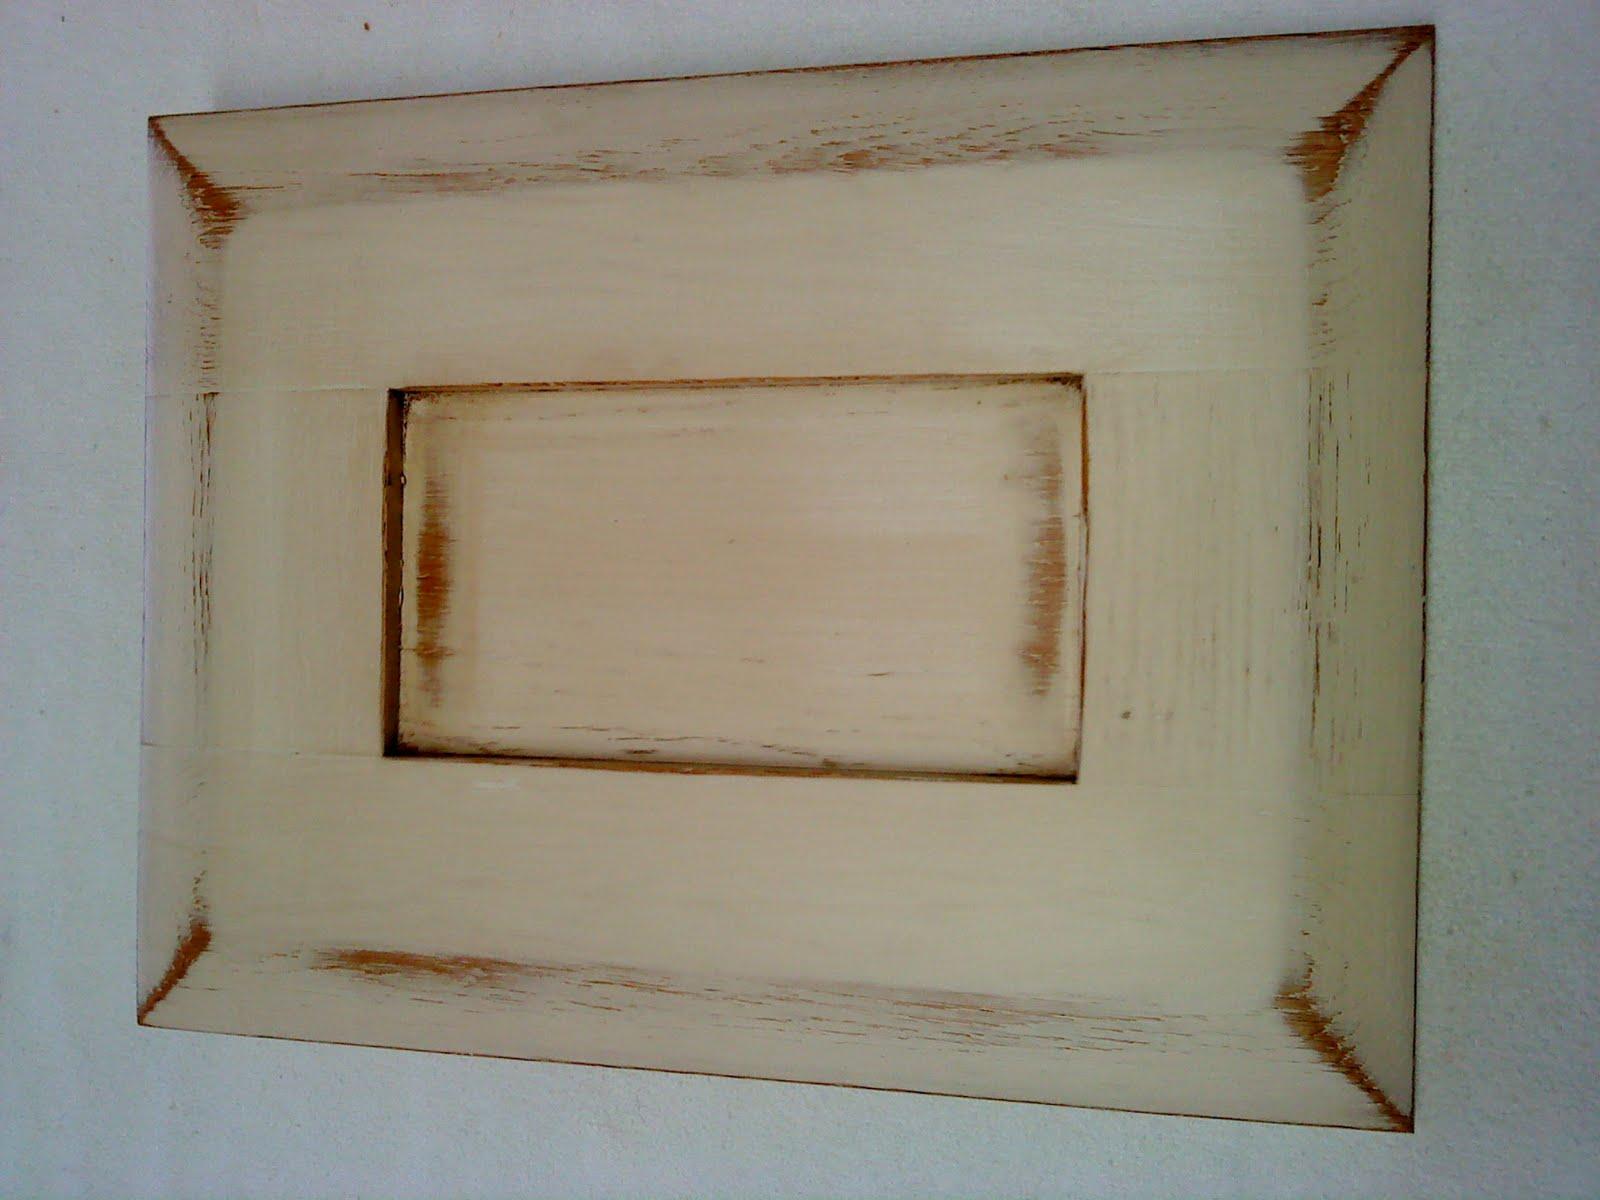 El rincon del mueble blanco roto decapado un aire rom tico - Mueble blanco decapado ...